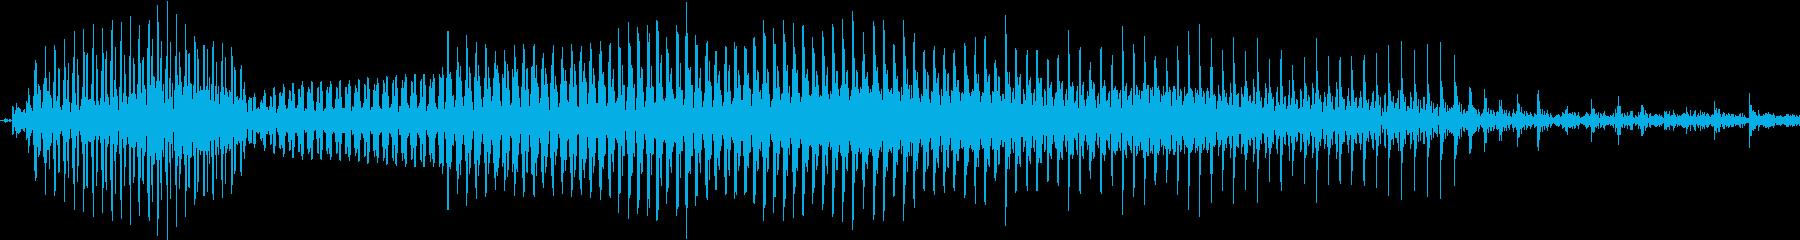 ダメー!の再生済みの波形